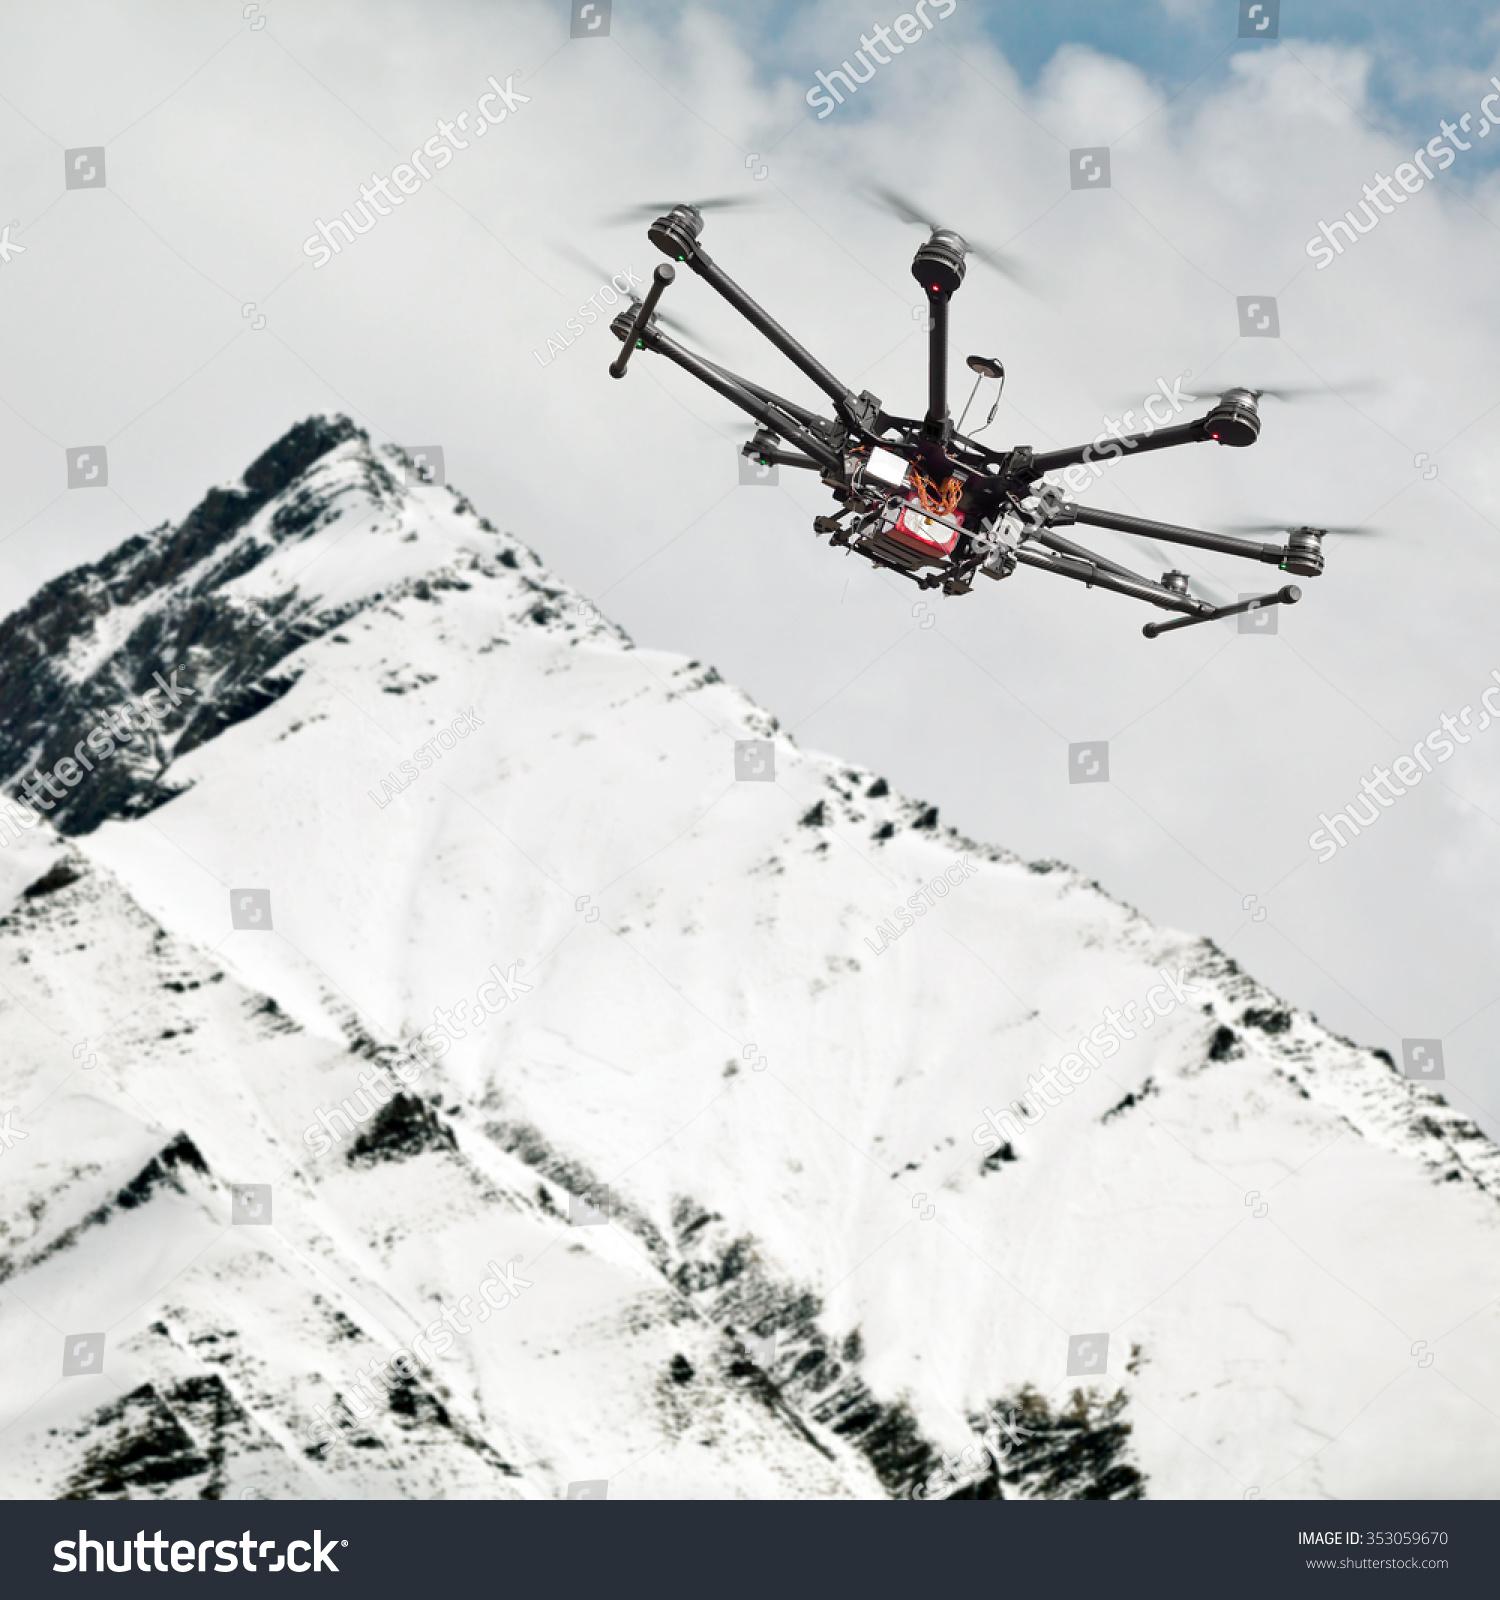 直升飞机飞过多山的地形.直升飞机拍摄在山区.遥控机.